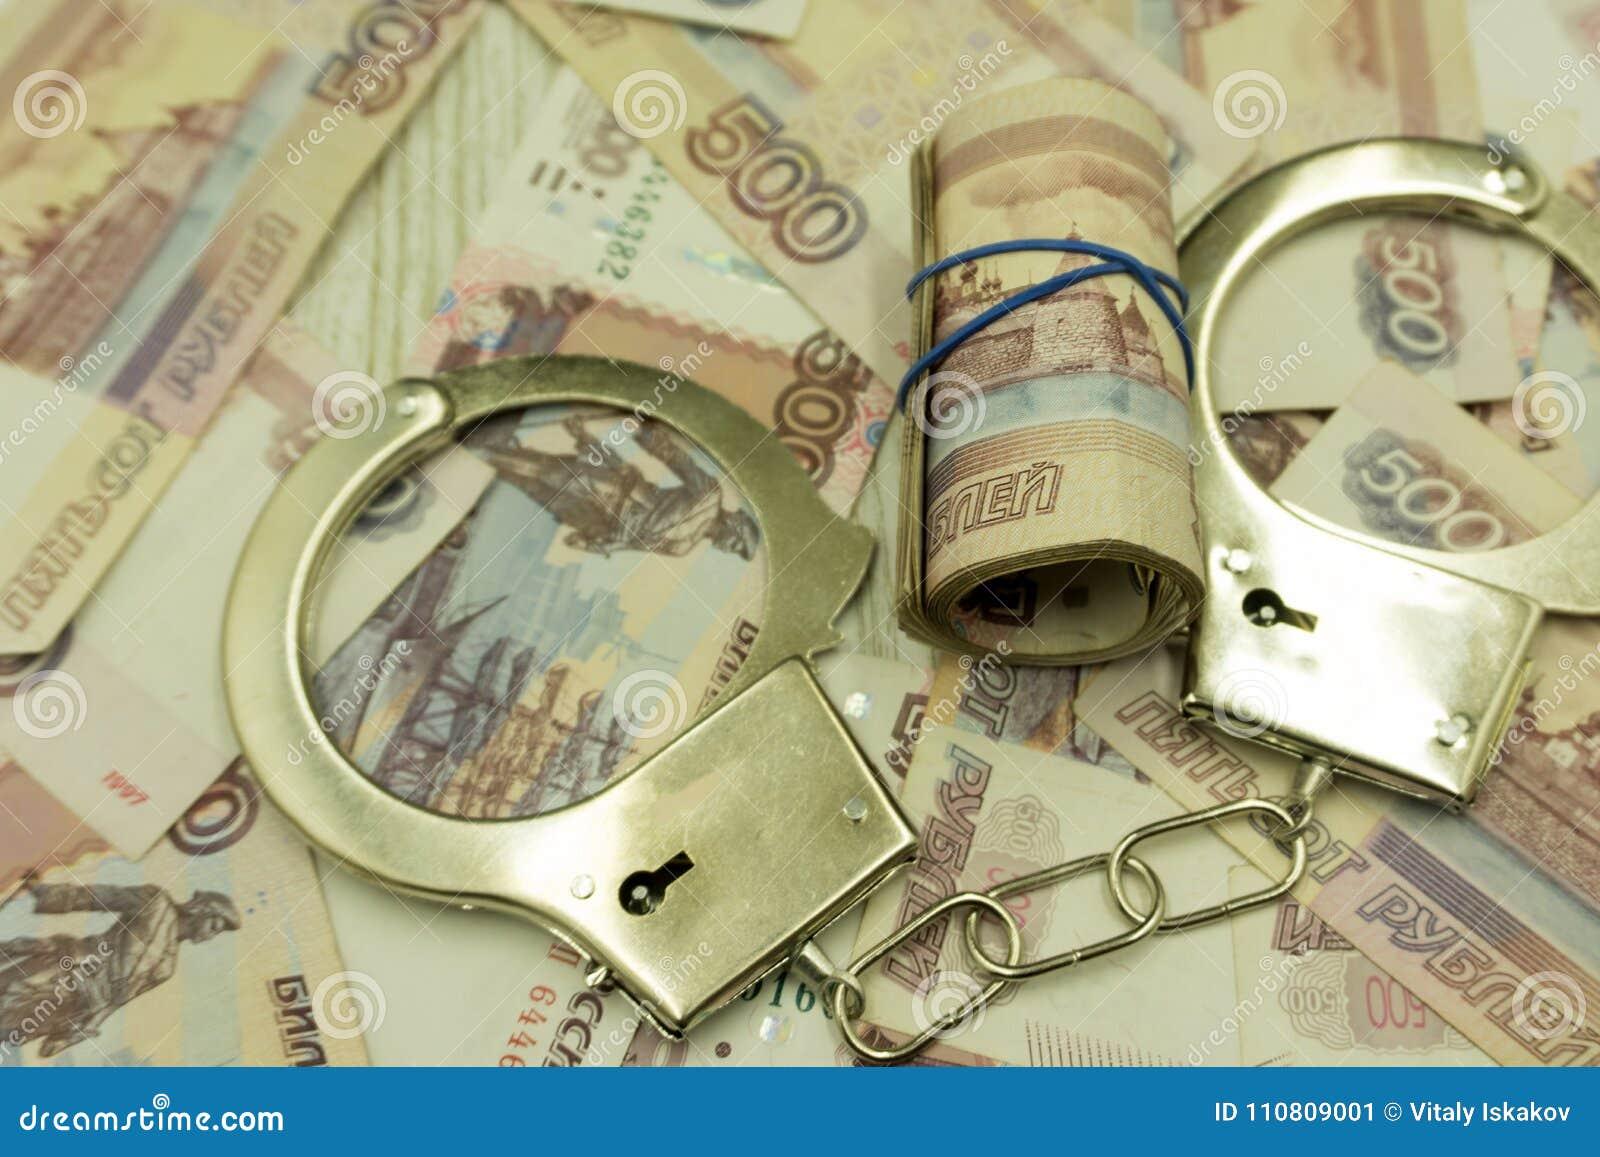 Bribe prendido para a corrupção pegado com a mão na massa - imagem conservada em estoque